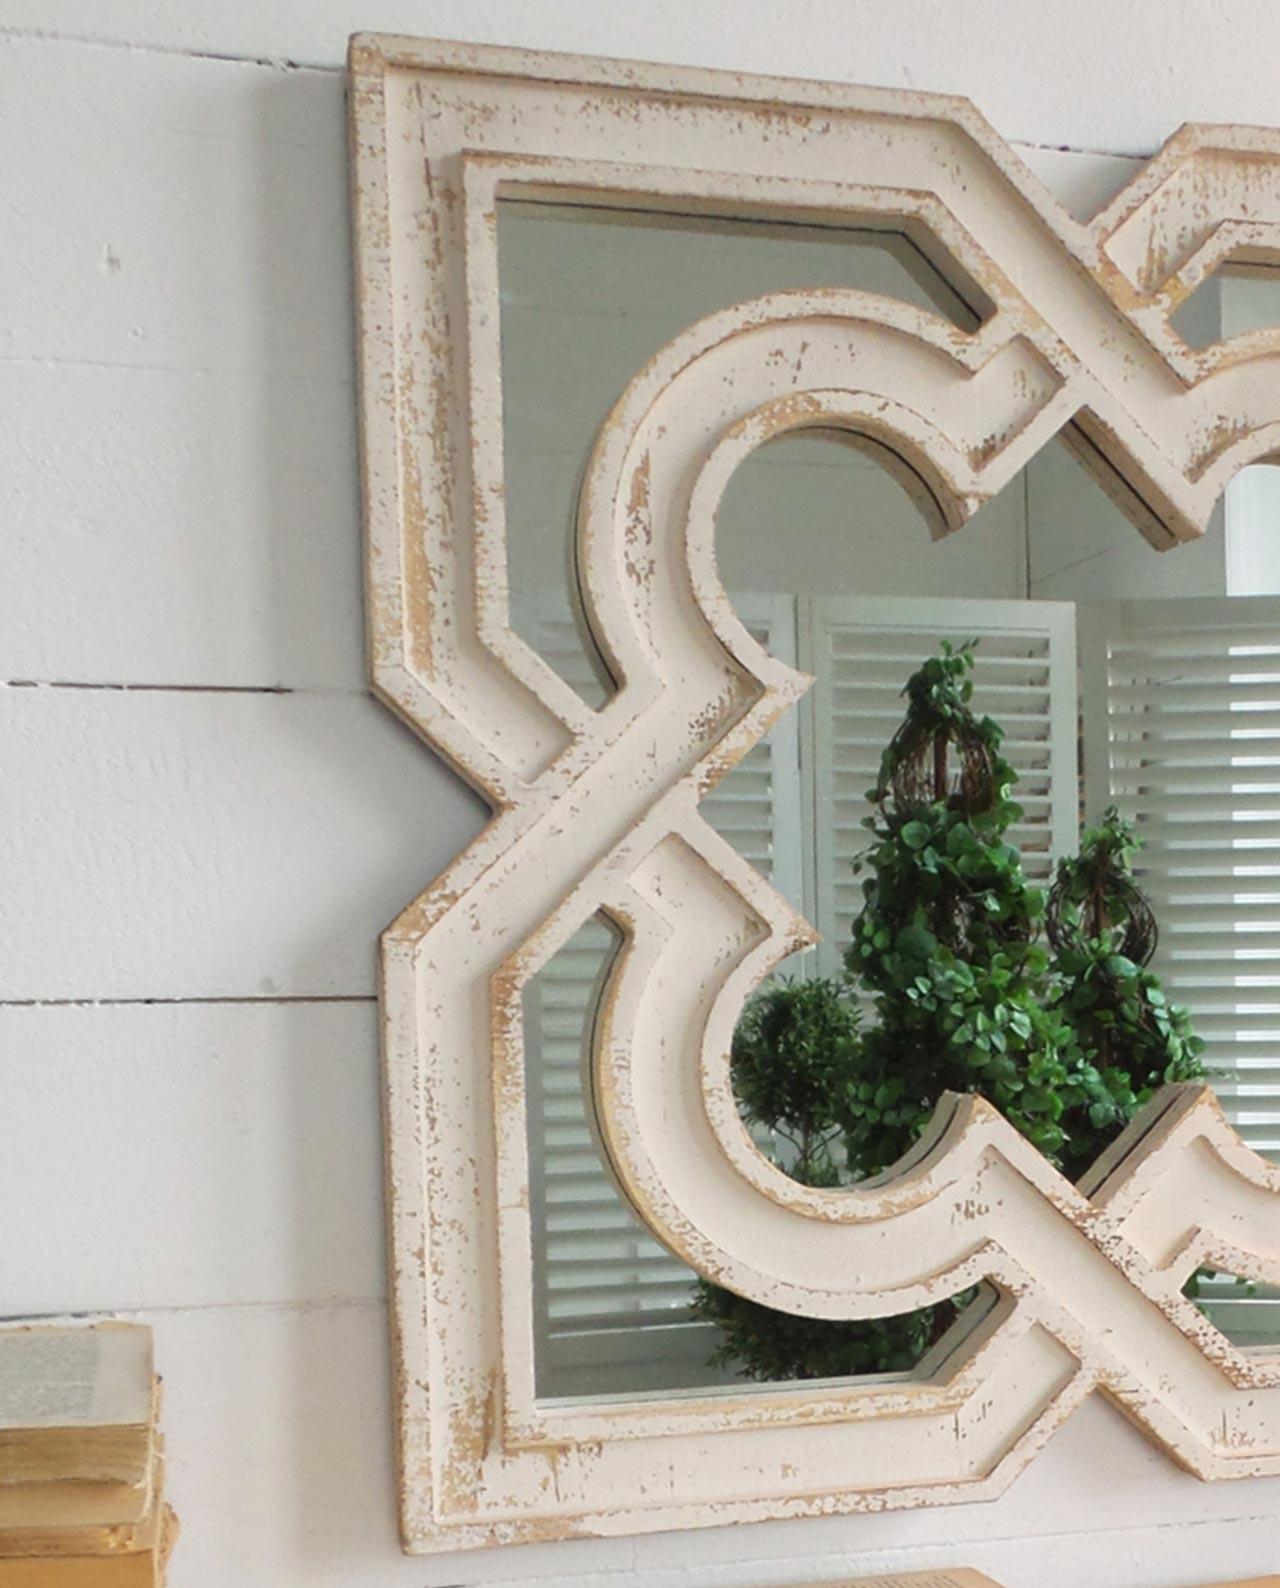 Specchi particolari da parete in legno intagliato - Specchio in legno ...